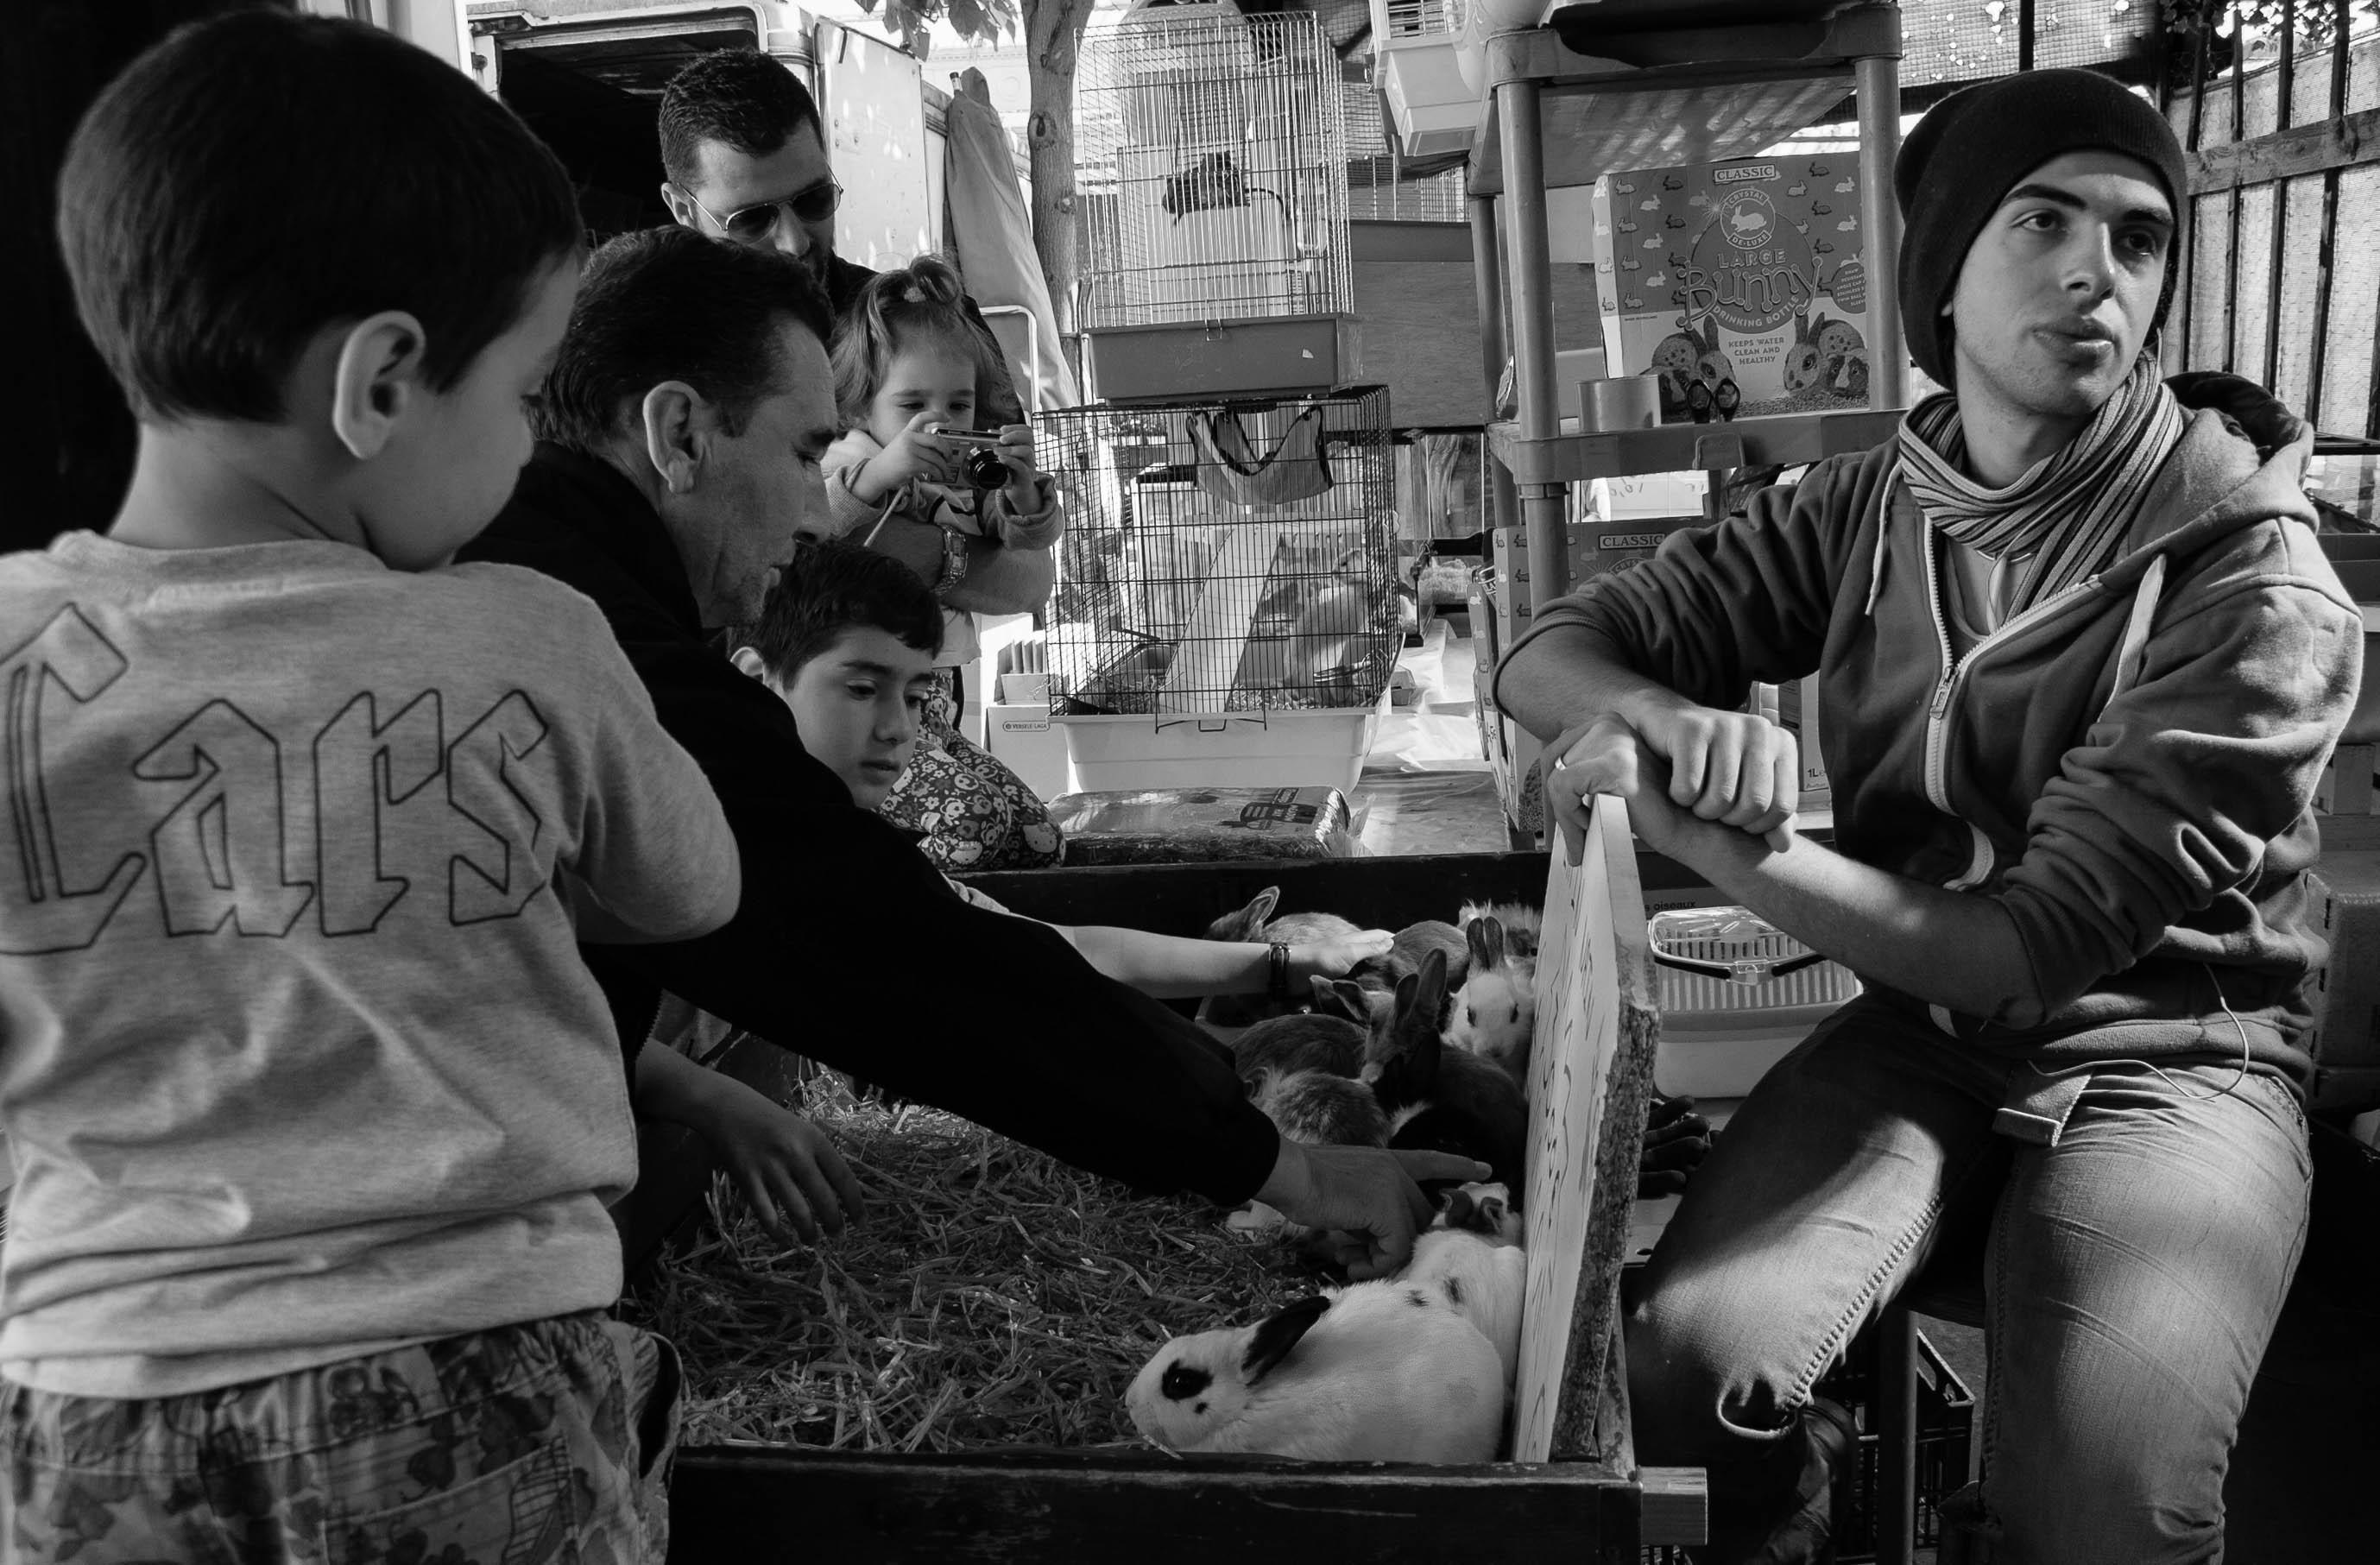 Bunny Seller - La Cite Outdoor Market - Paris